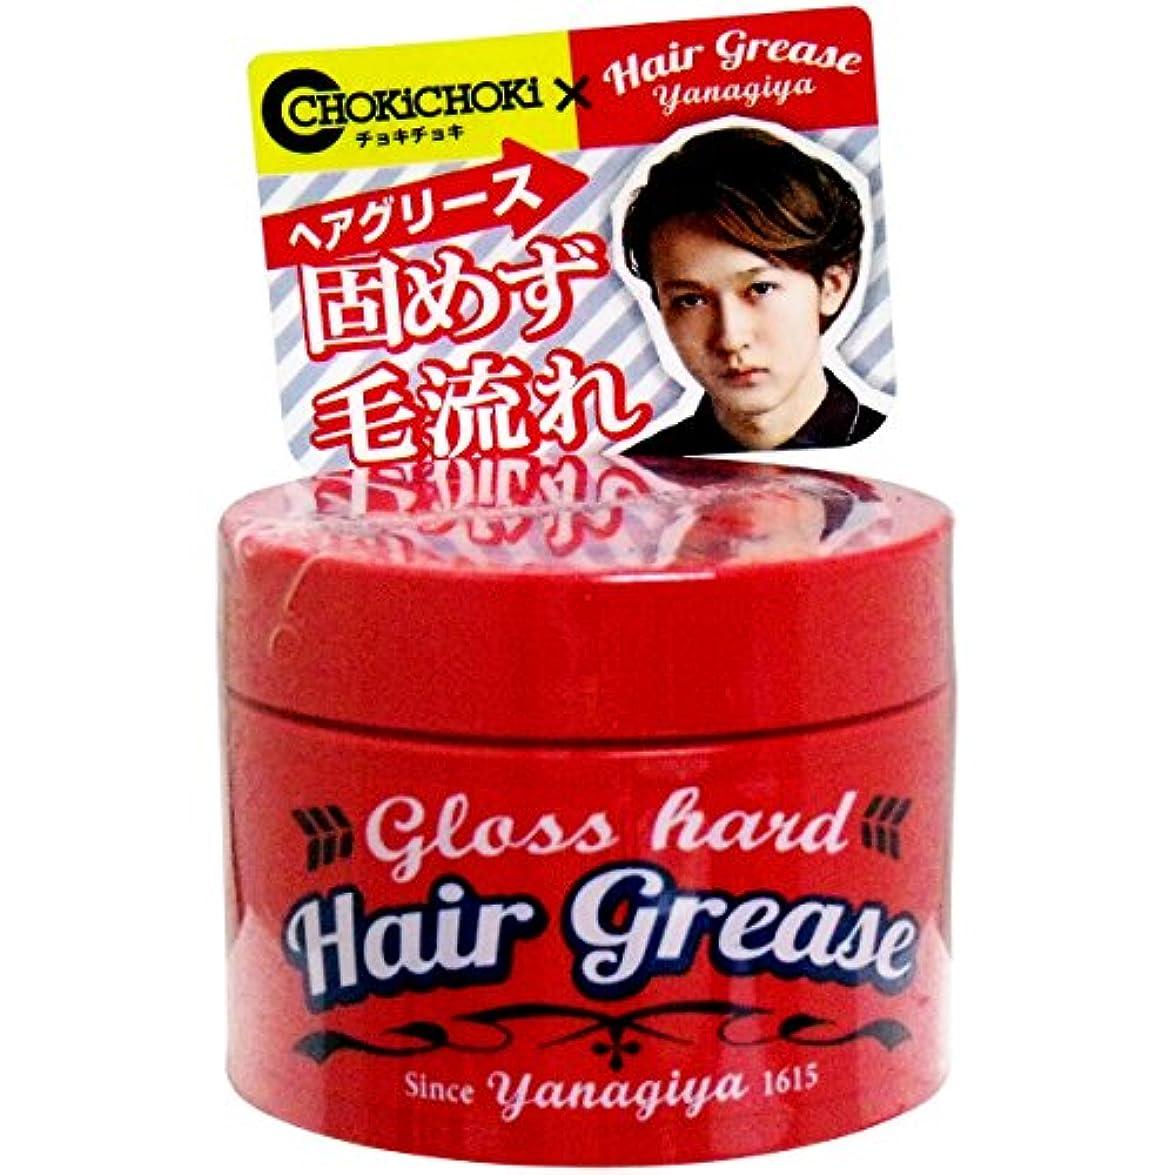 ヘアワックス 固めず毛流れ 使いやすい YANAGIYA ヘアグリース グロスハード 90g入【3個セット】